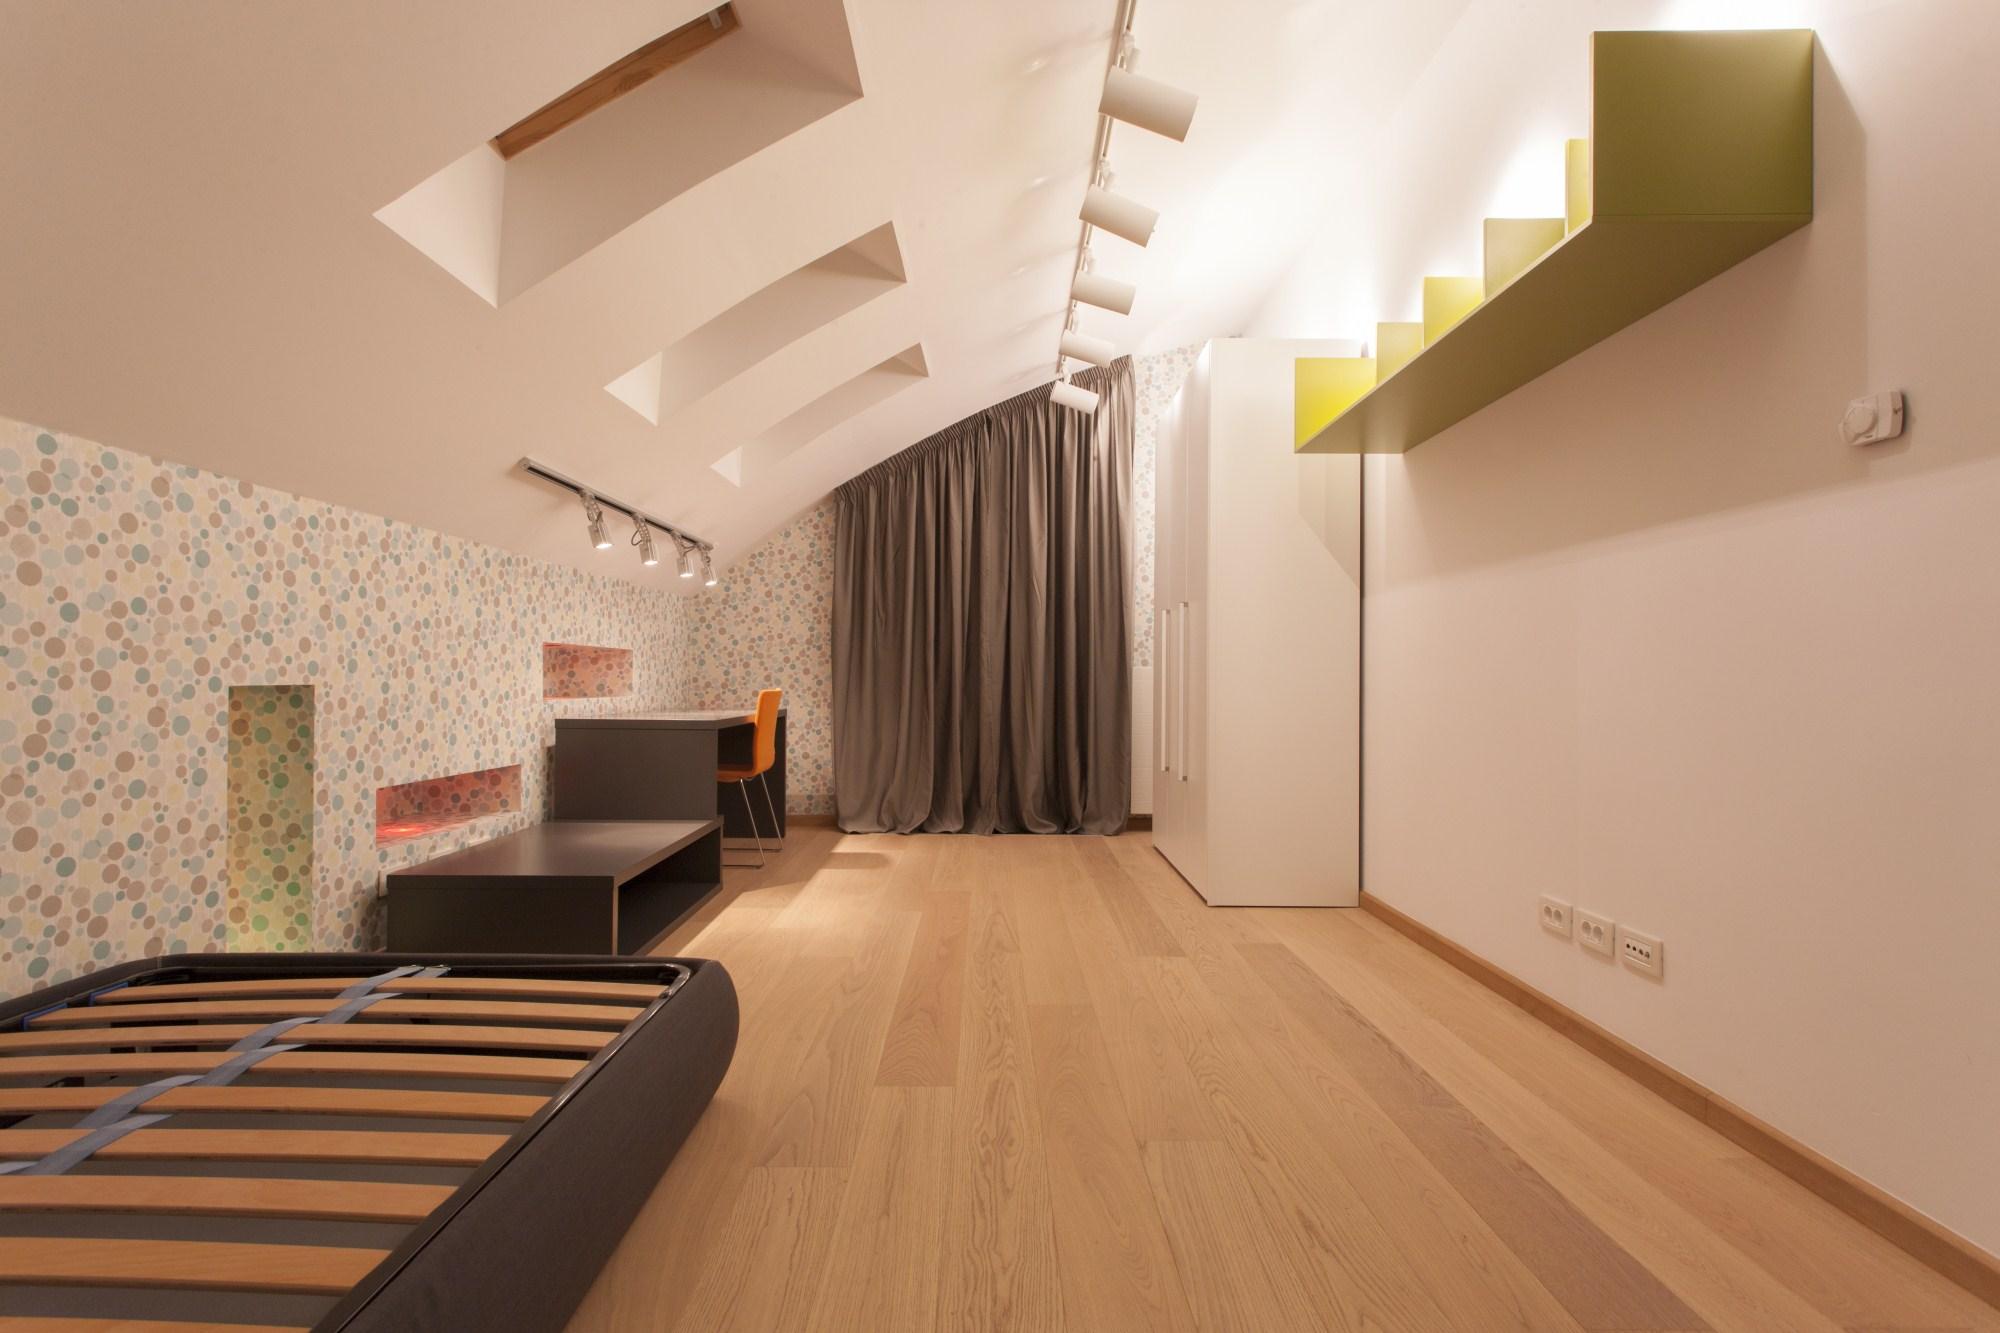 https://nbc-arhitect.ro/wp-content/uploads/2020/11/NBC-Arhitect-_-interior-design-_-Petofi-Sandor-_-Romania_5.jpg